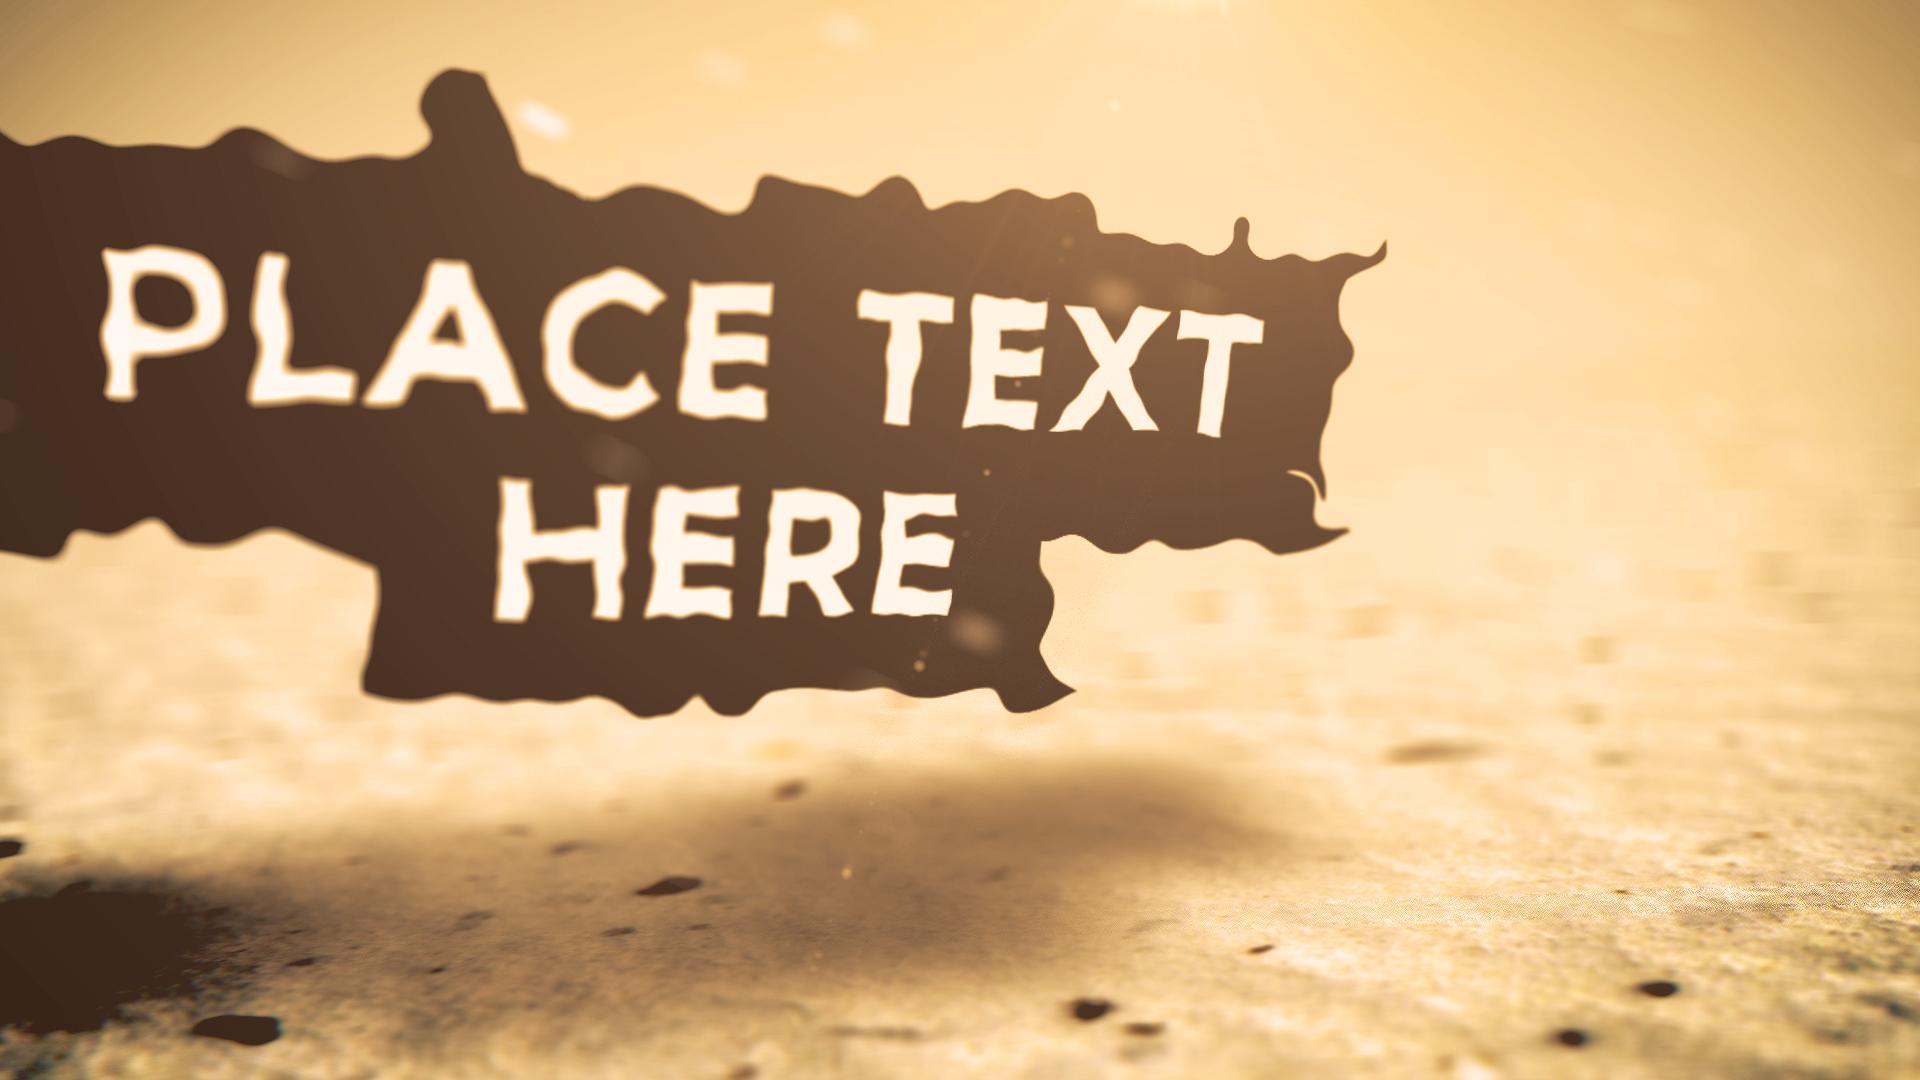 Macro text